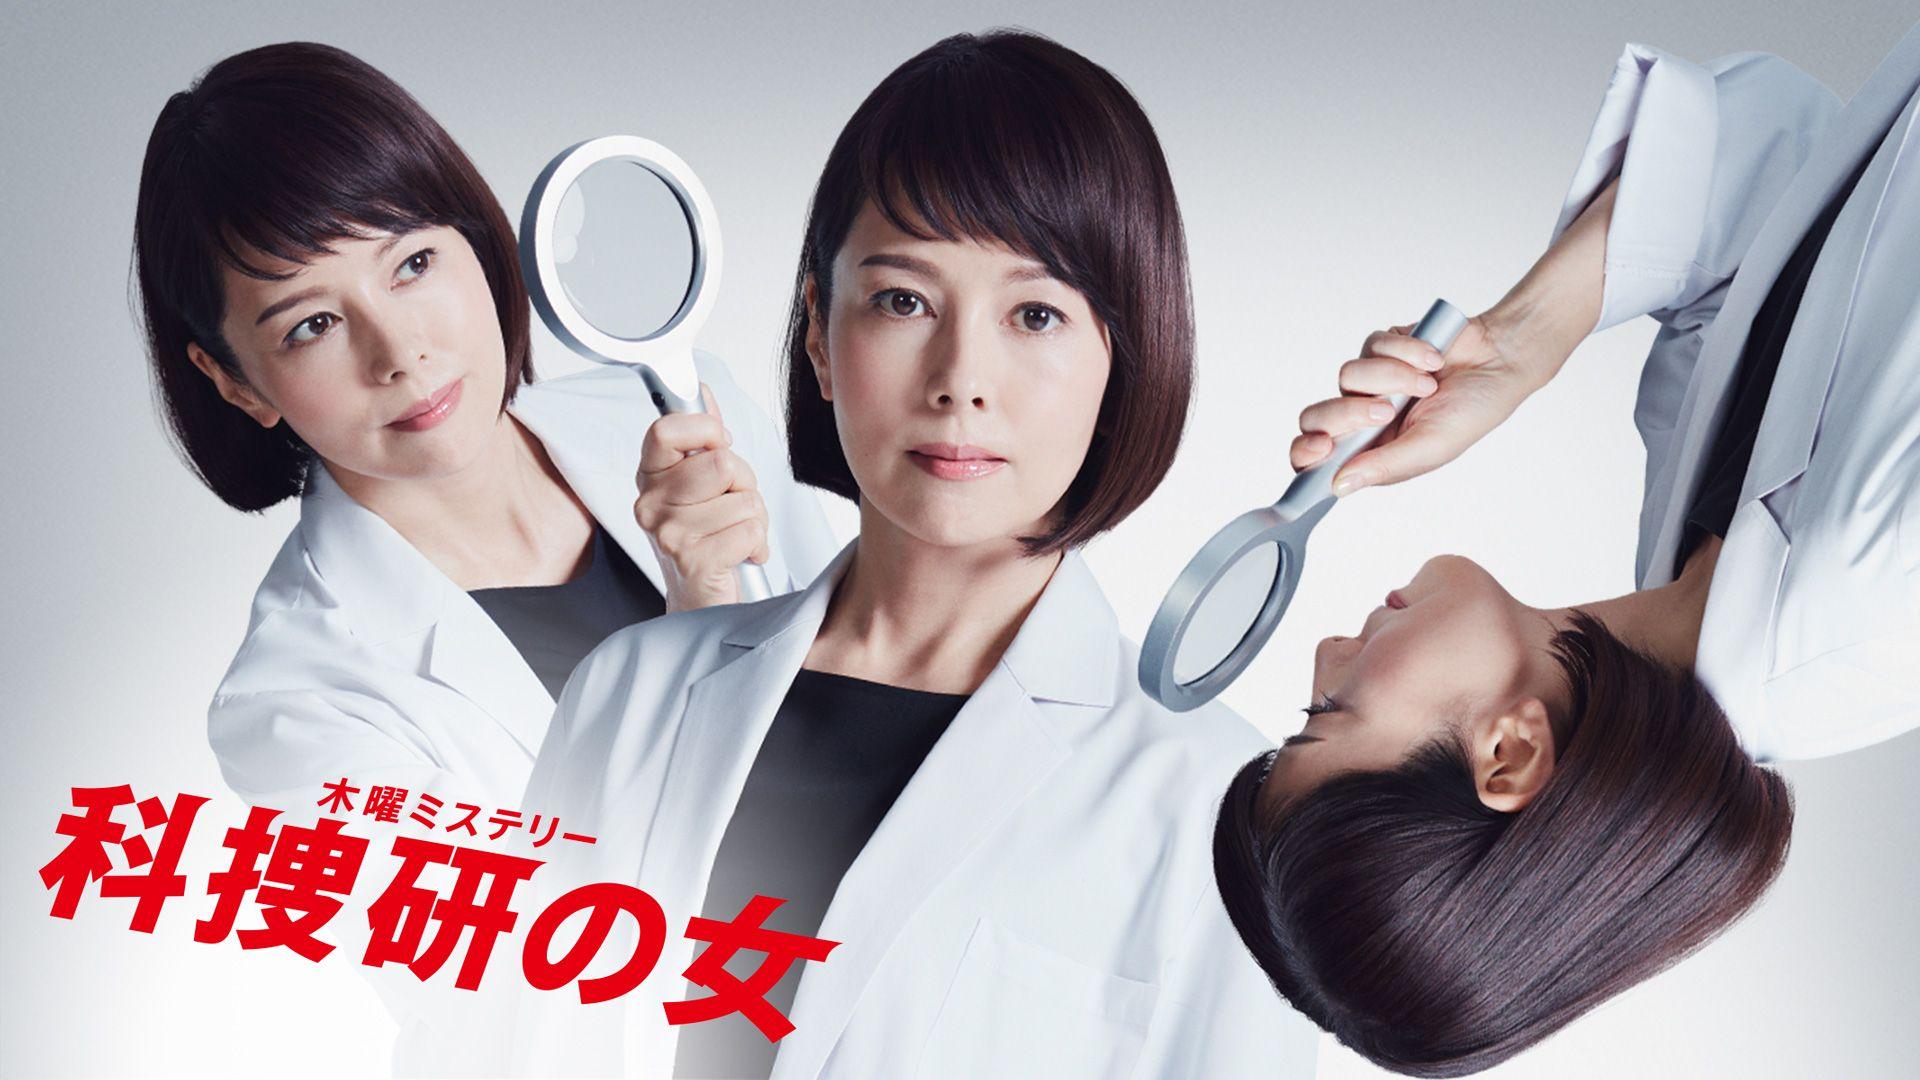 『科捜研の女』©テレビ朝日・東映